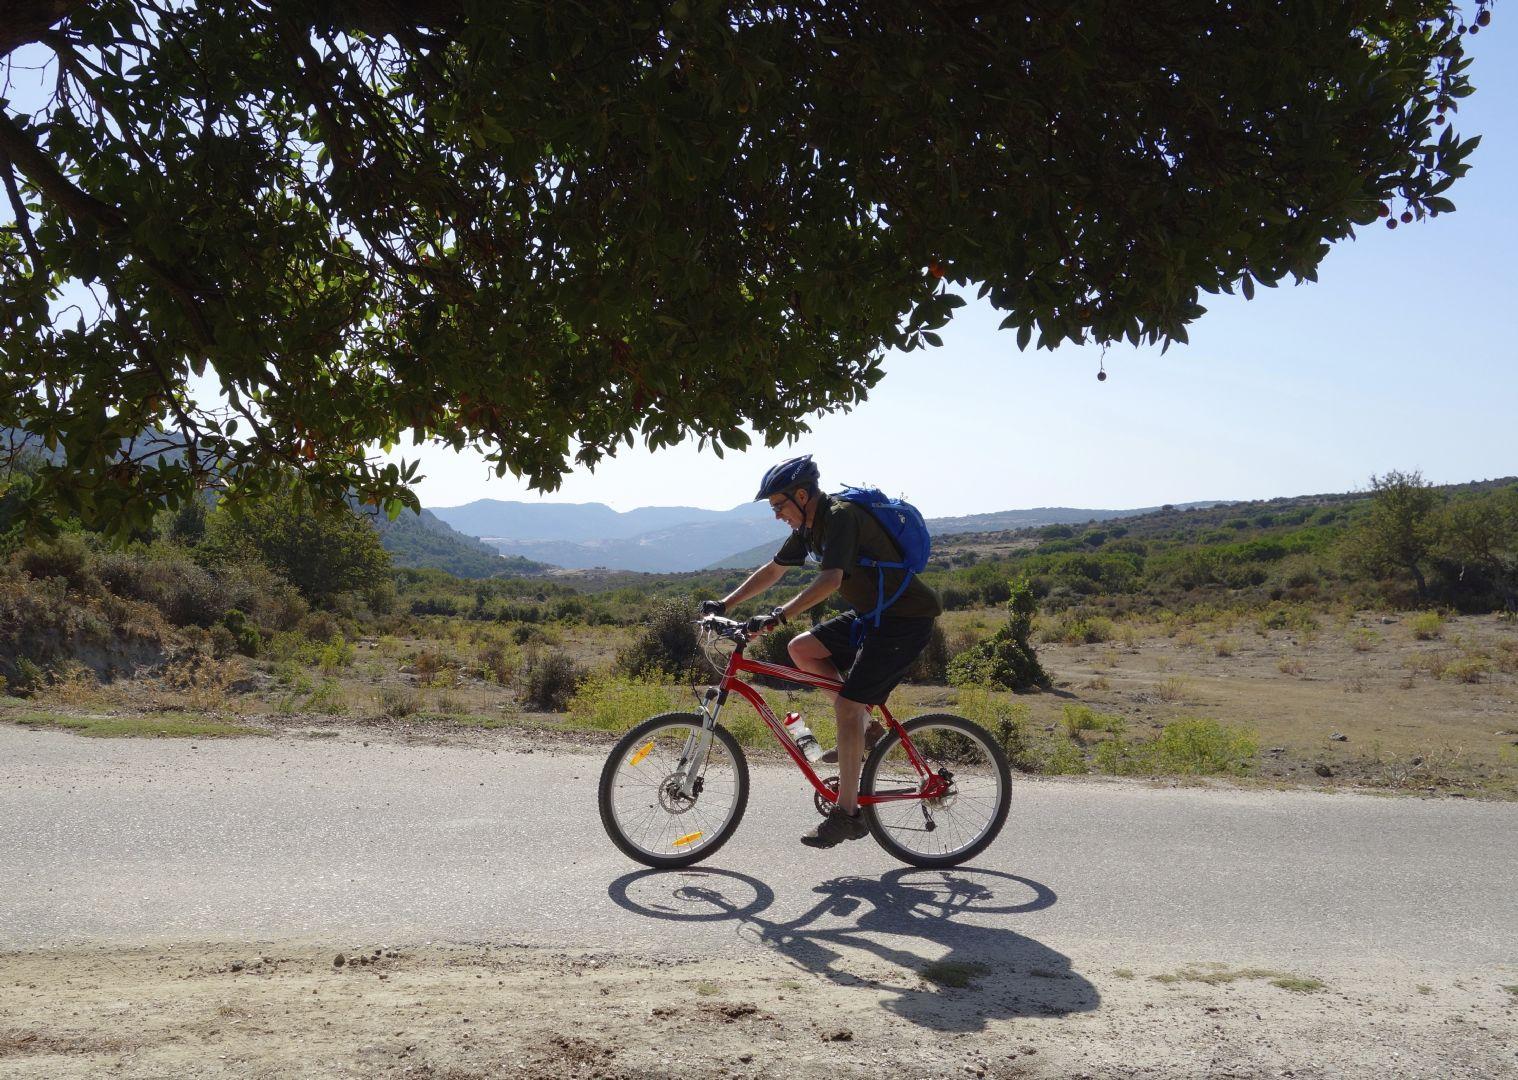 mountainbikingsardinia2.jpg - Sardinia - Coast to Coast - Mountain Biking